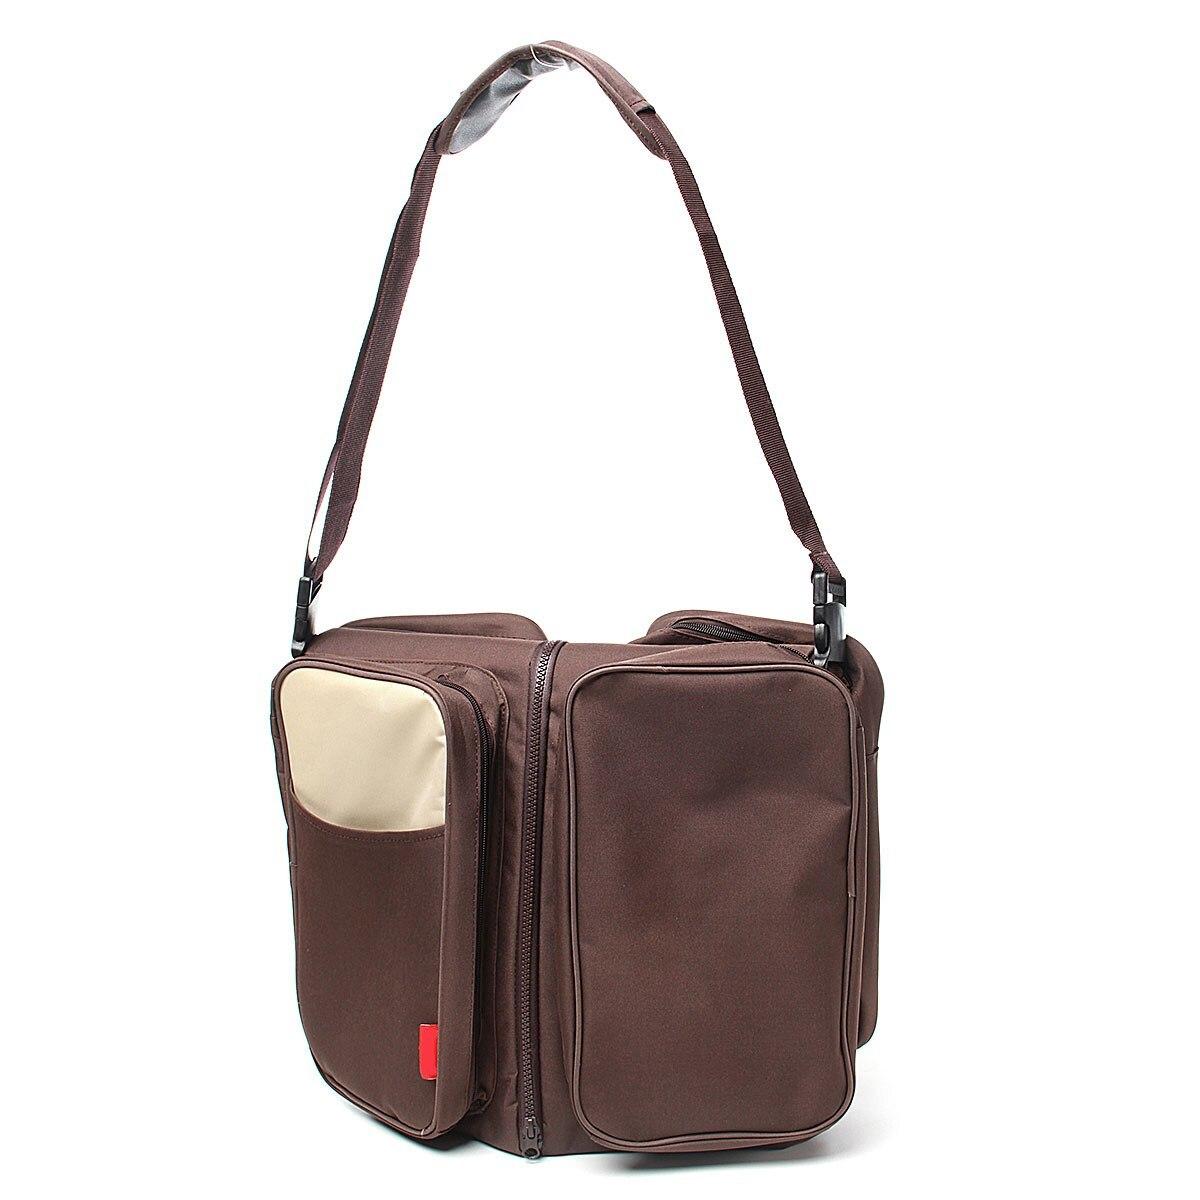 2in1 Krippe Stubenwagen Große Mutterschaft Einzel Kinderwagen Rucksack Multifunktionale Atmungs Pflege Tasche Baby Wickeltasche Windelwechsel Online Shop